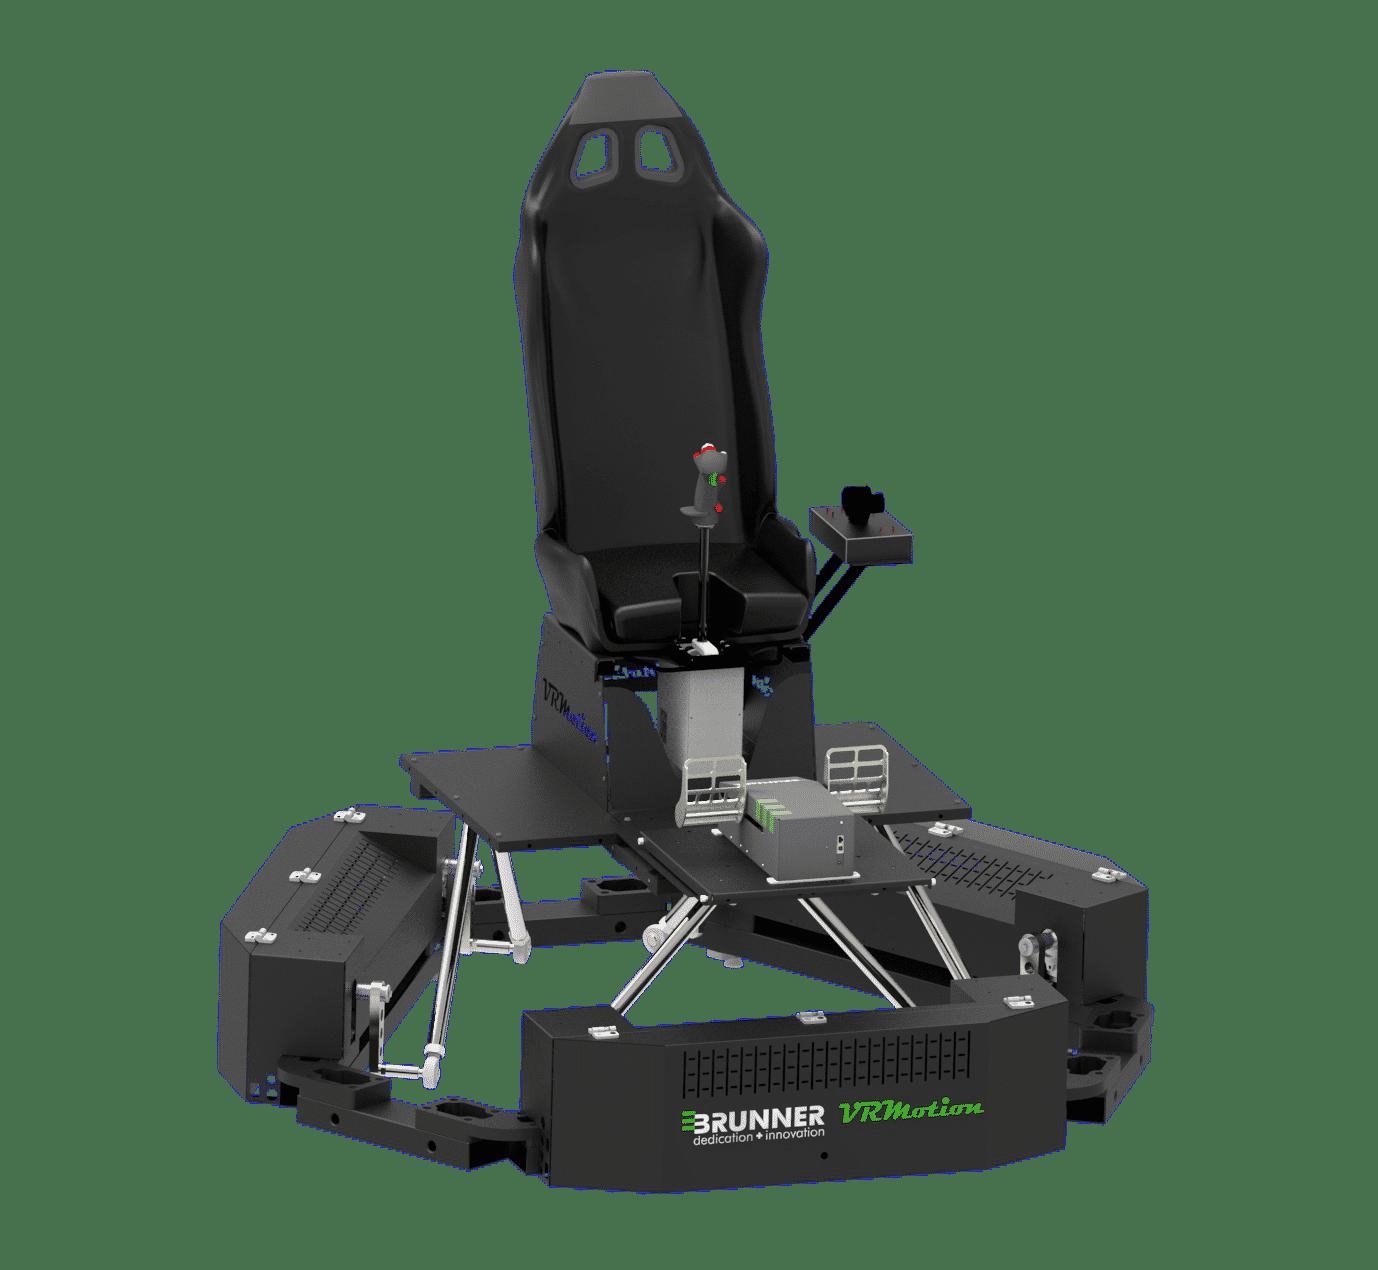 VR-Motion 200 - BRUNNER